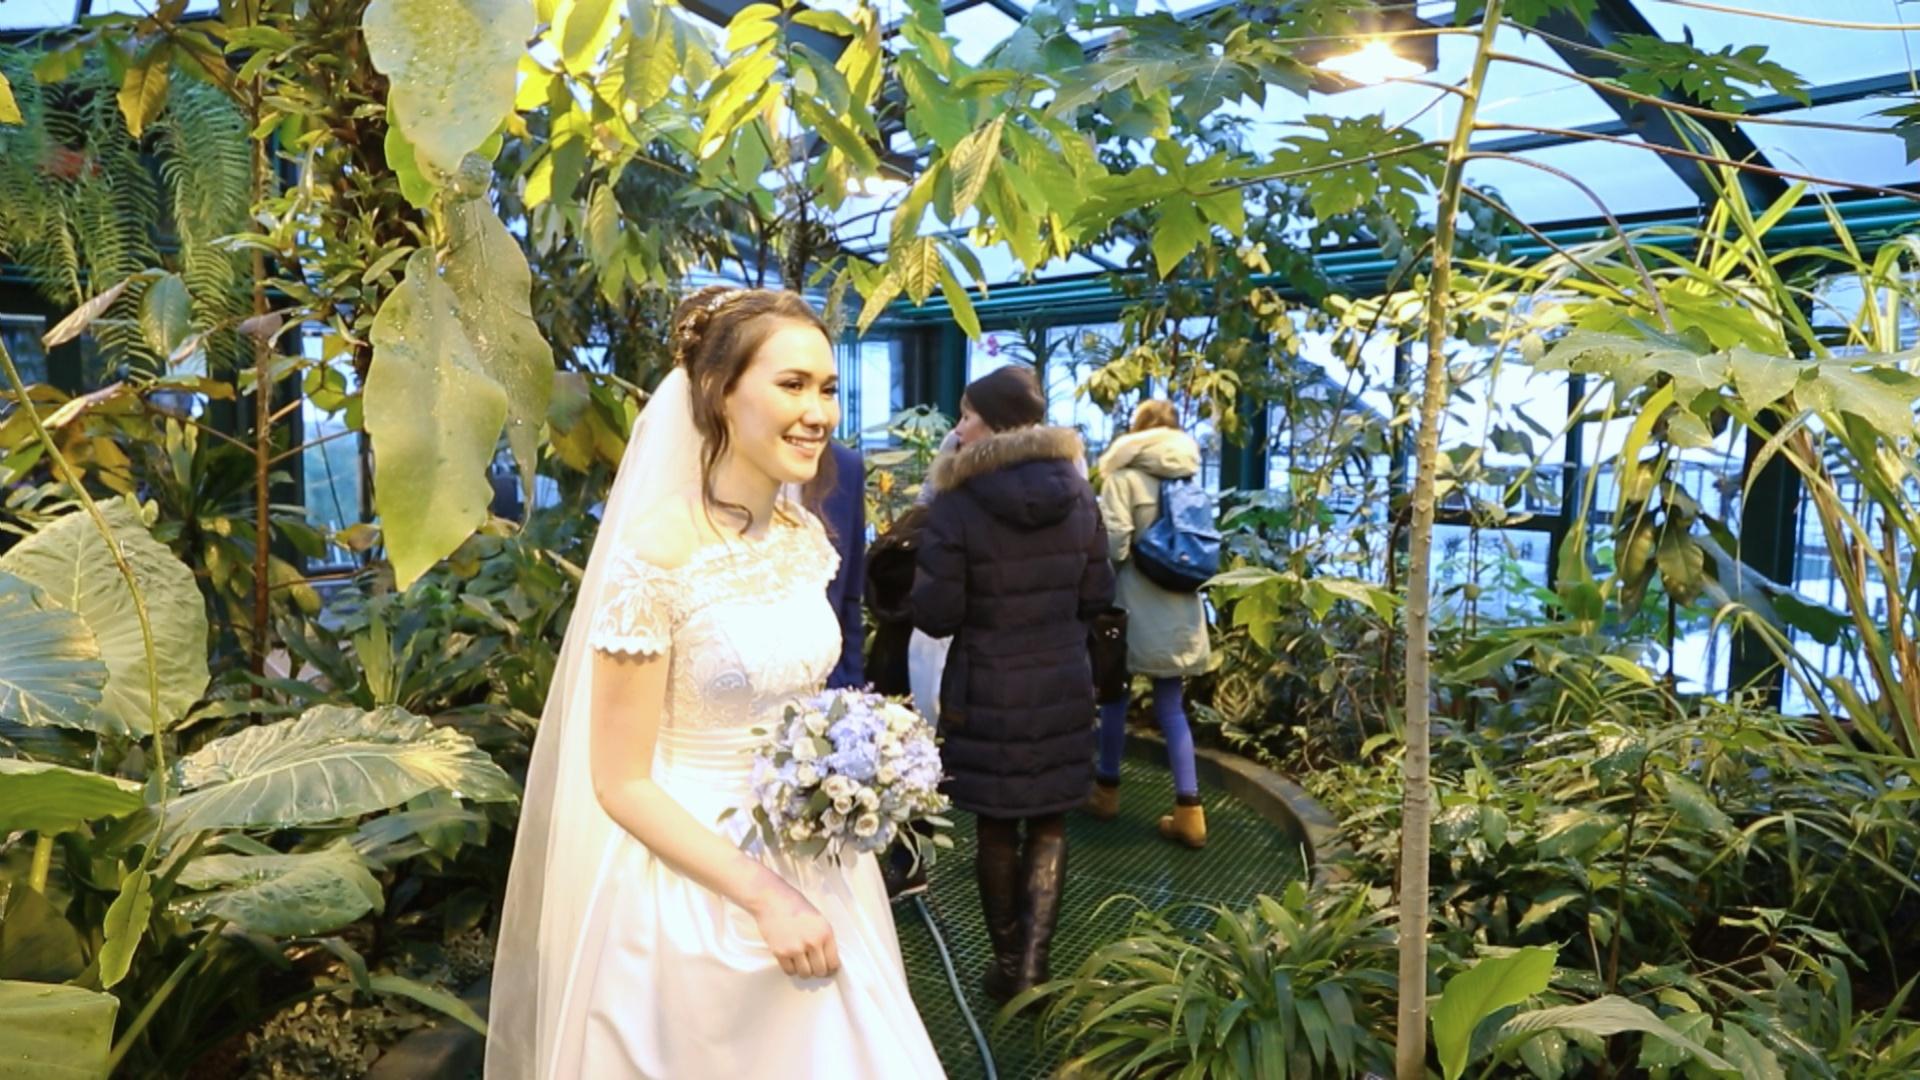 Тропический лес появился в центре Москвы